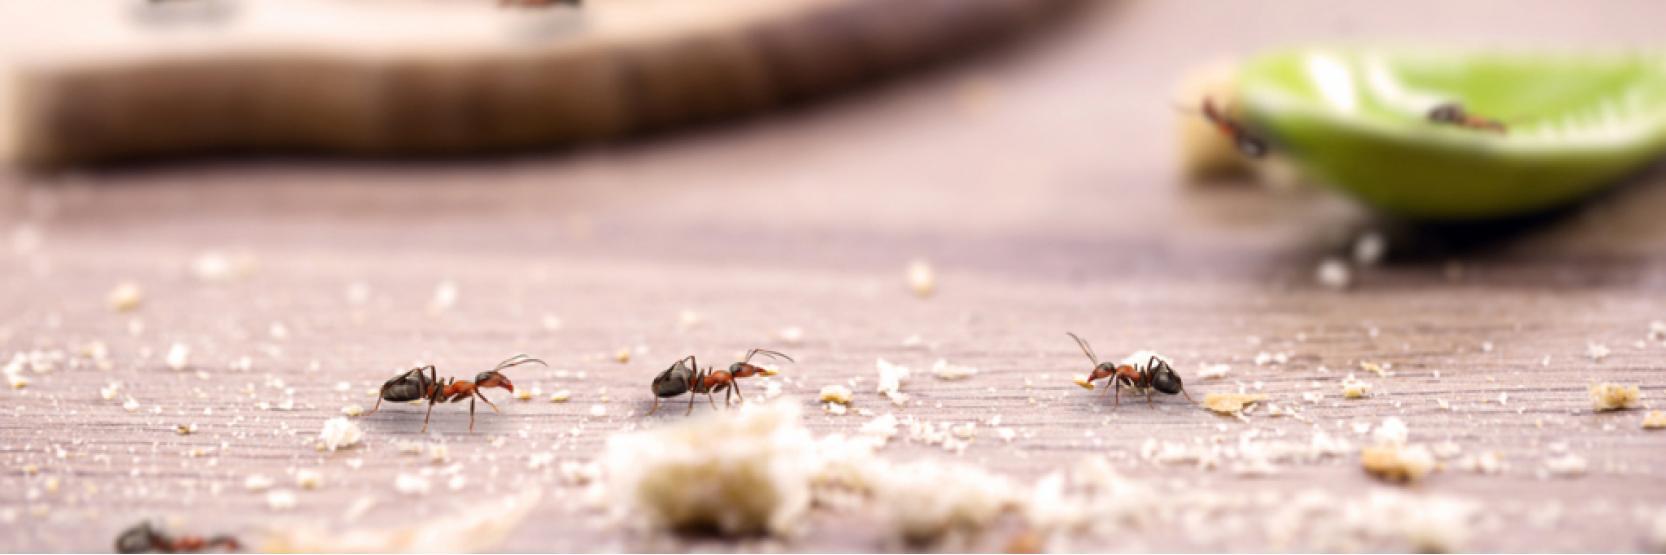 كيفية التخلص من النمل بالمنزل